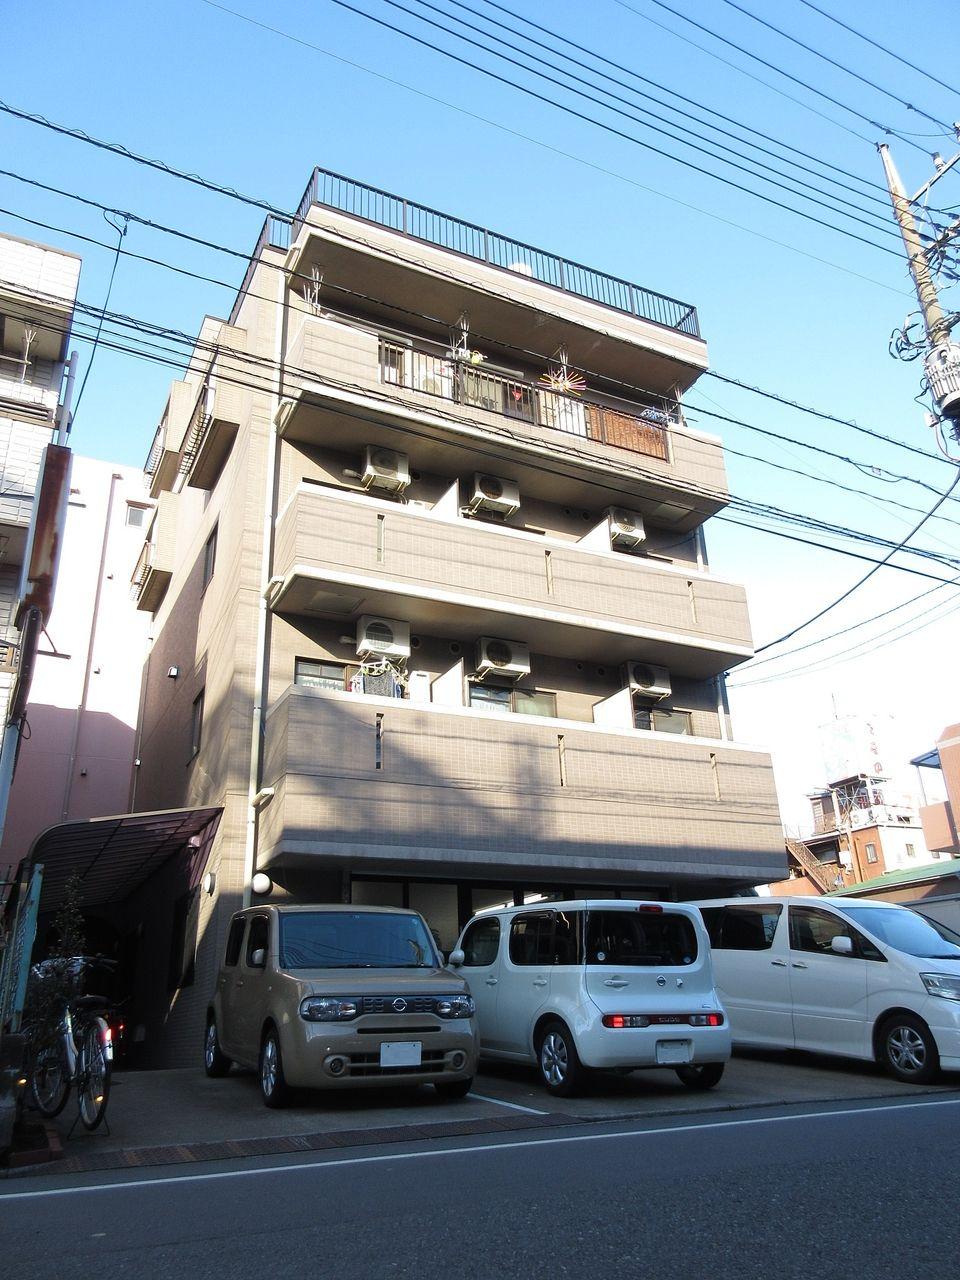 【板橋区高島平の賃貸マンション】~3点ユニットのお部屋からランクアップしたい方におススメ・KSビル 302号室~